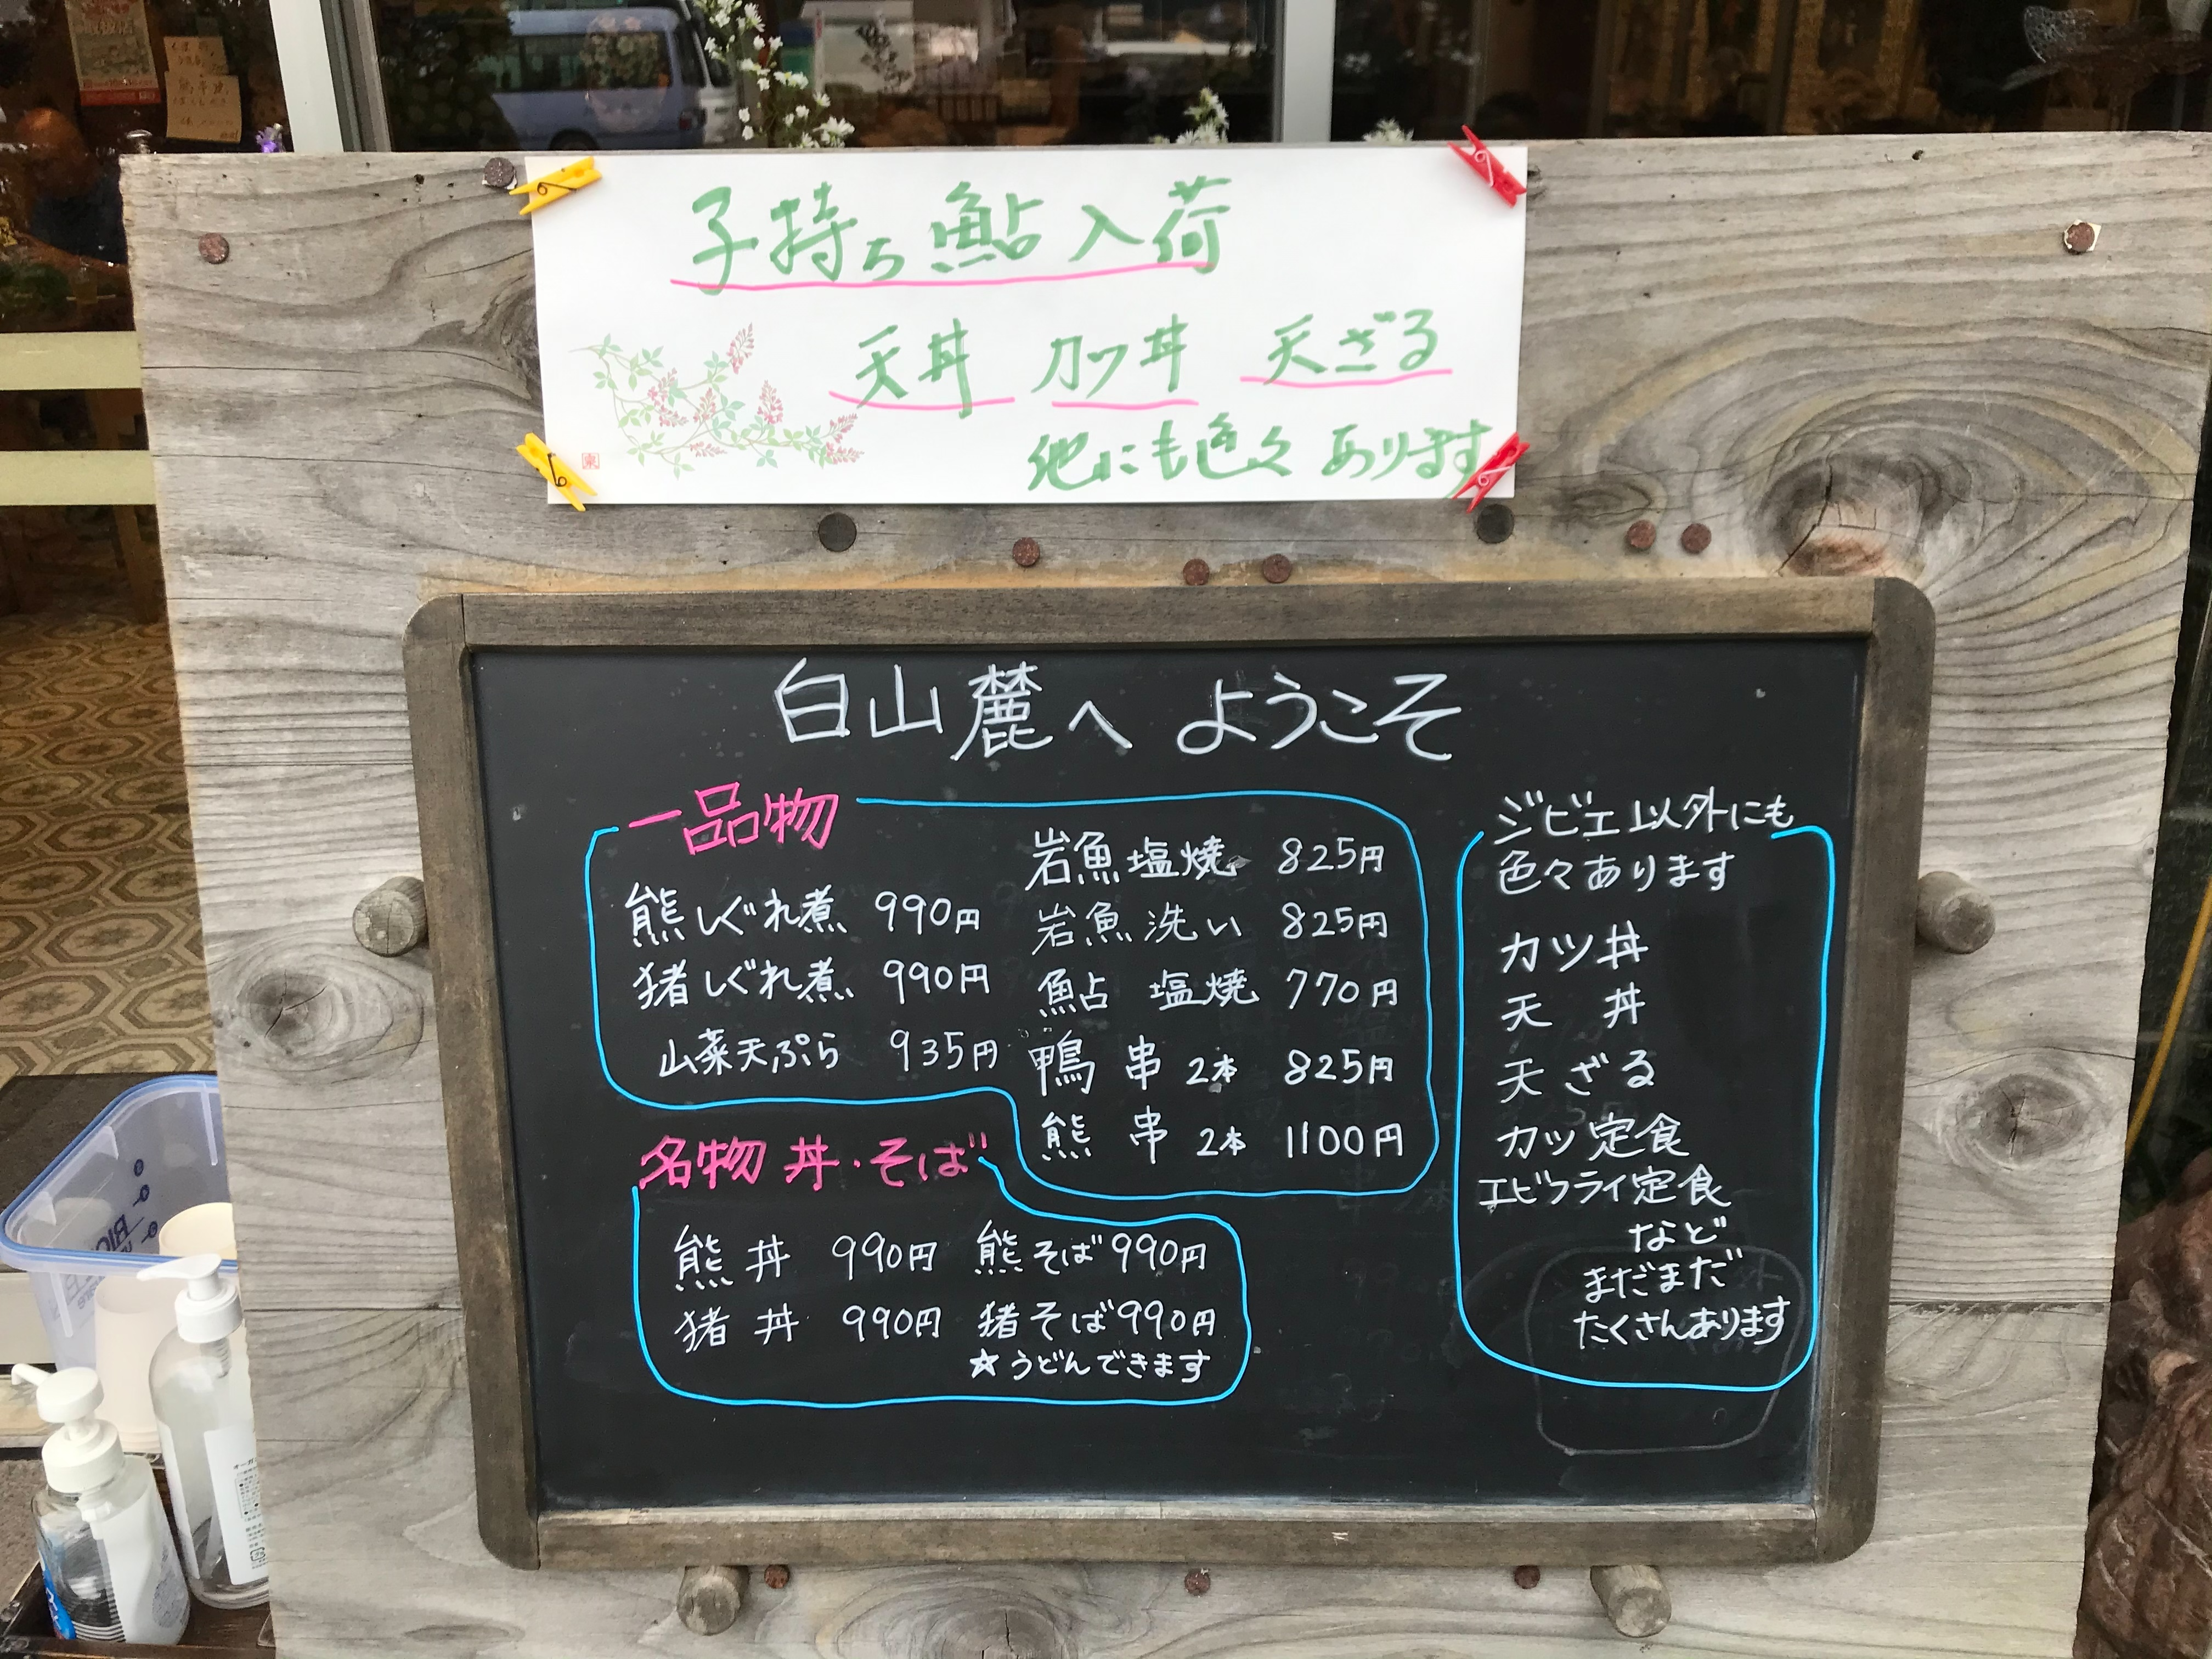 ぴーきちグルメブログ 石川県 レストラン手取川 メニュー